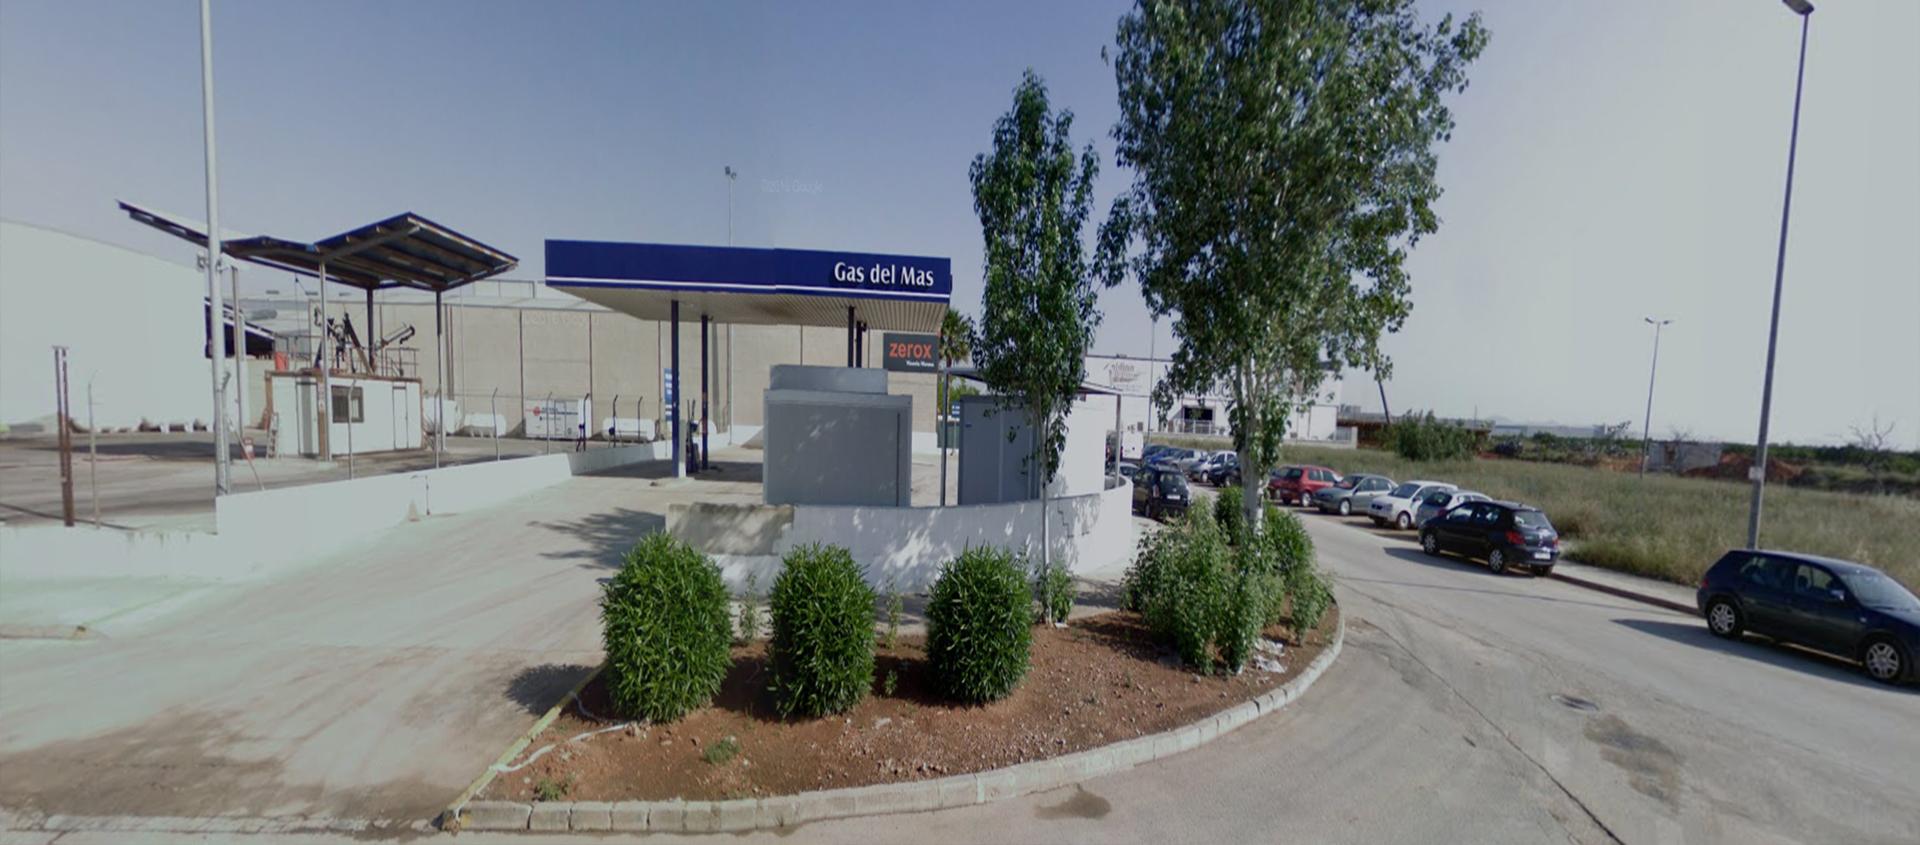 Ven a repostar o lavar tu vehículo a nuestras gasolineras